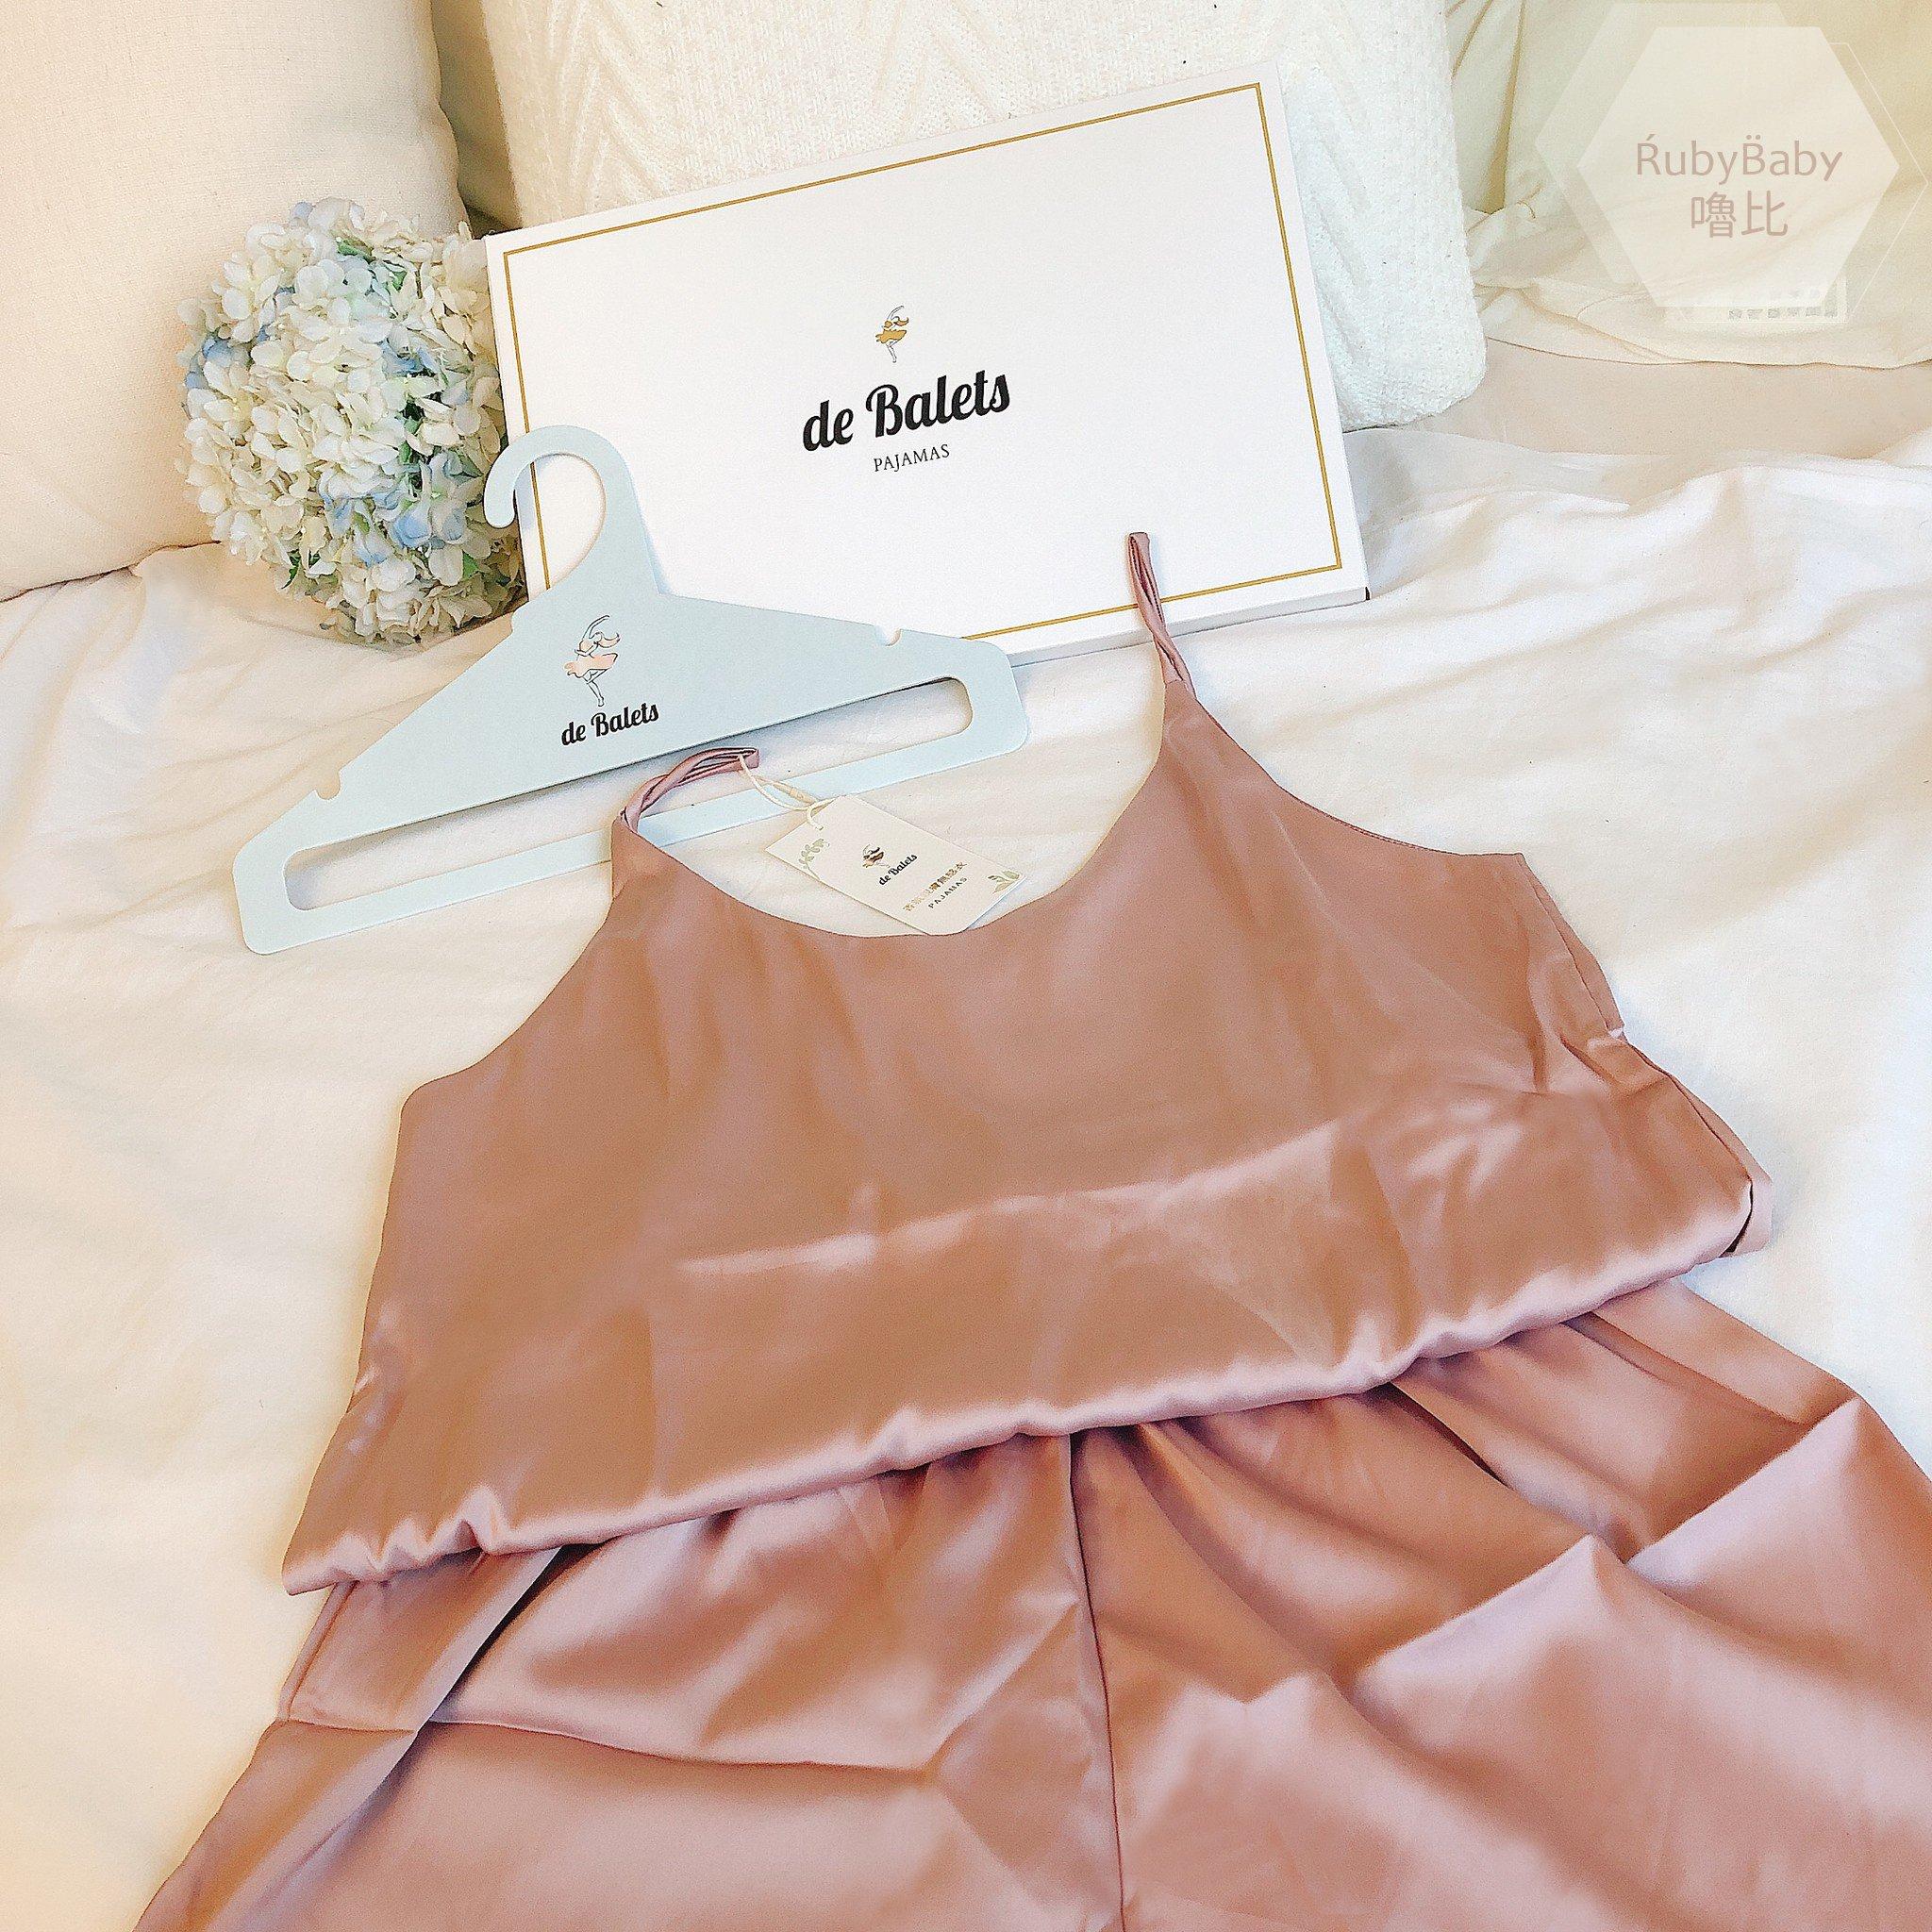 小巴黎親膚睡衣組 蓮藕粉de Balets